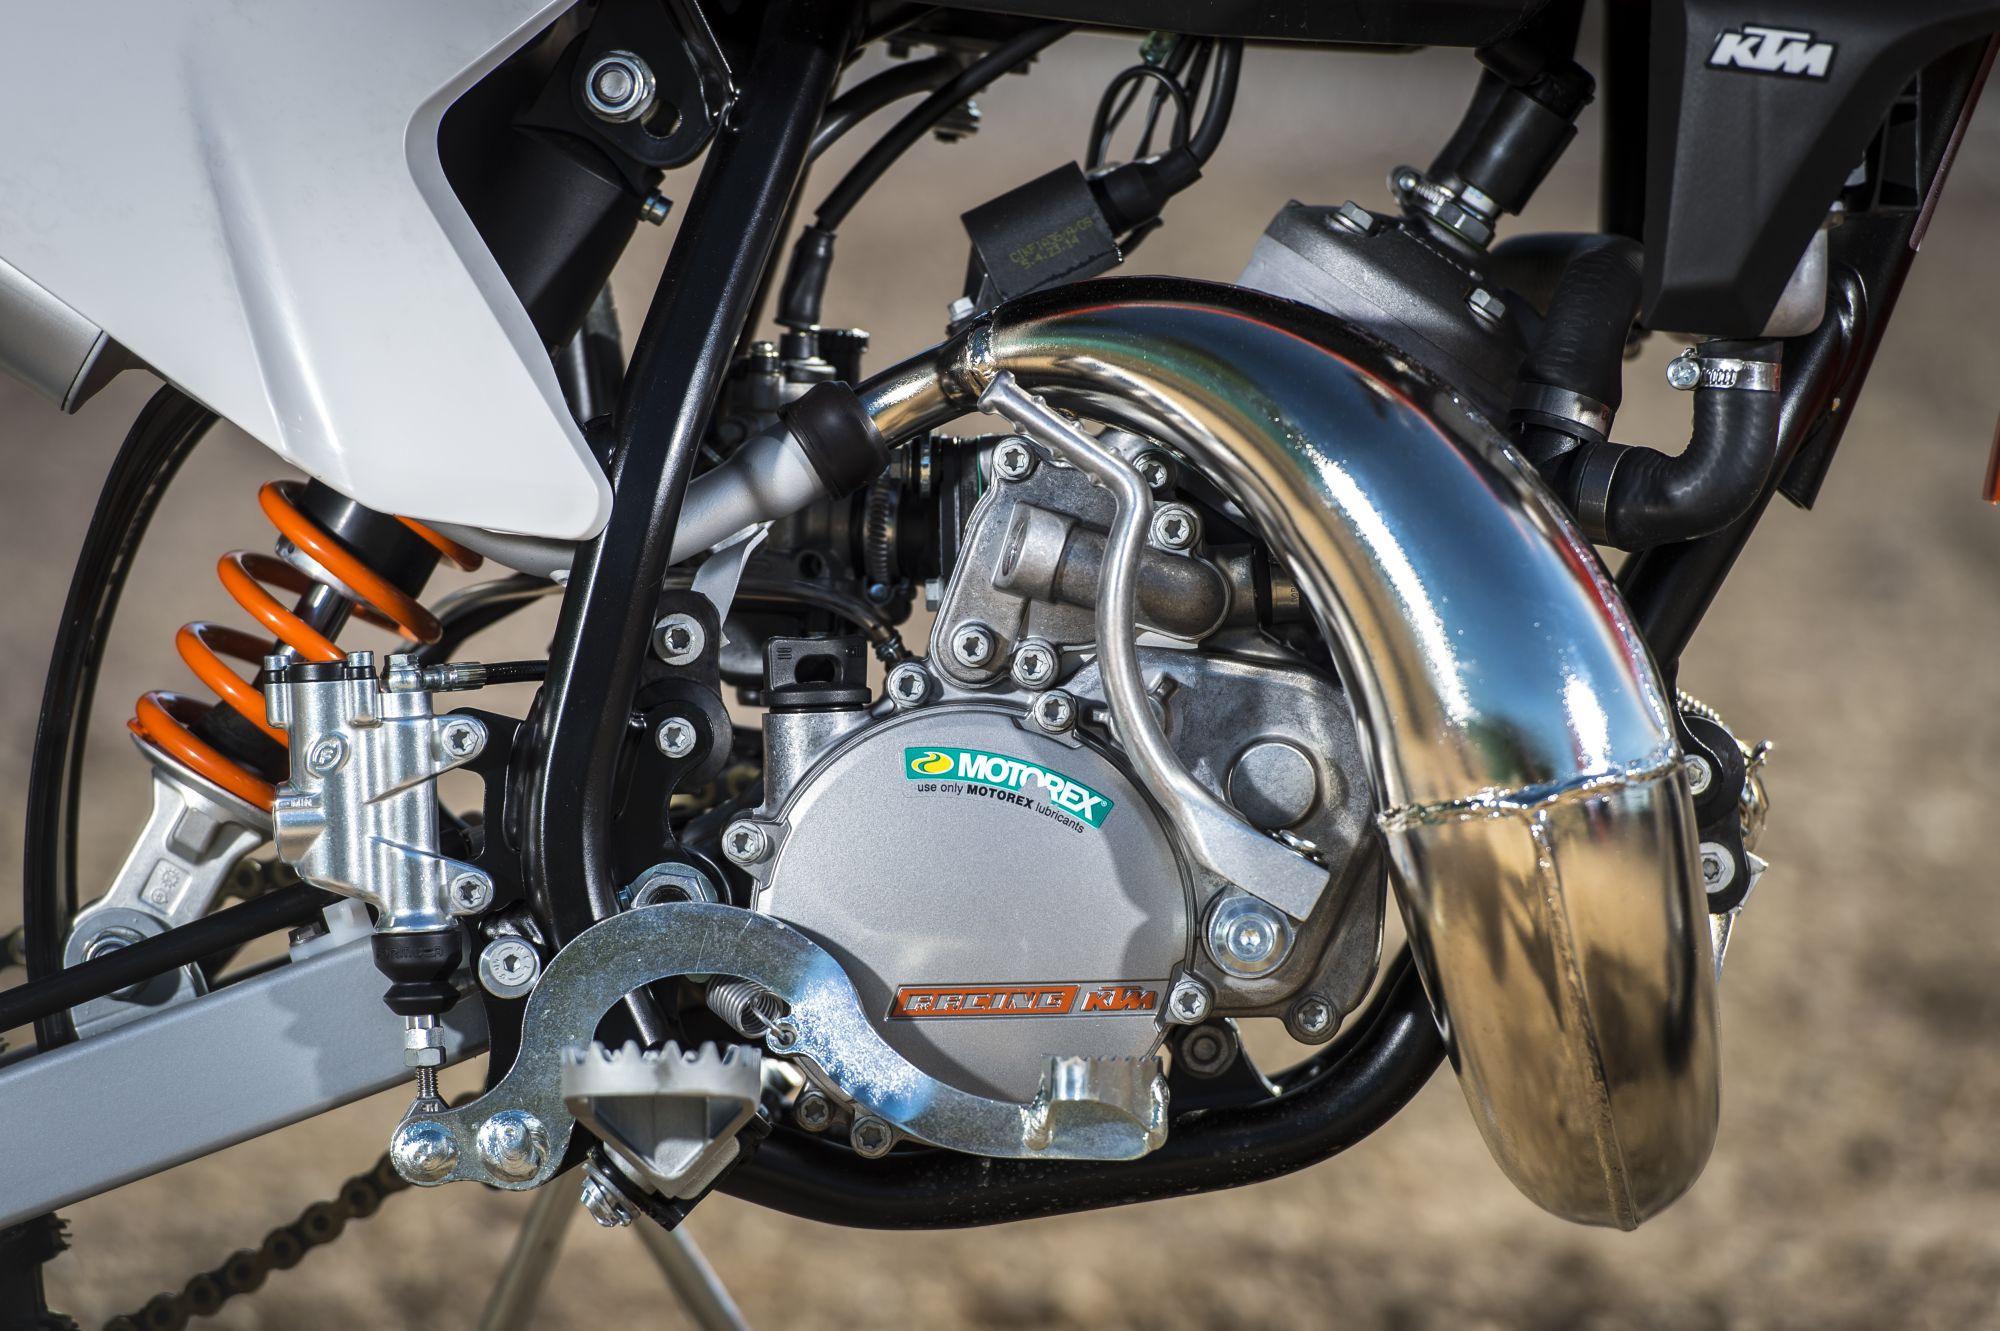 KTM 50 SX - Alle technischen Daten zum Modell 50 SX von KTM